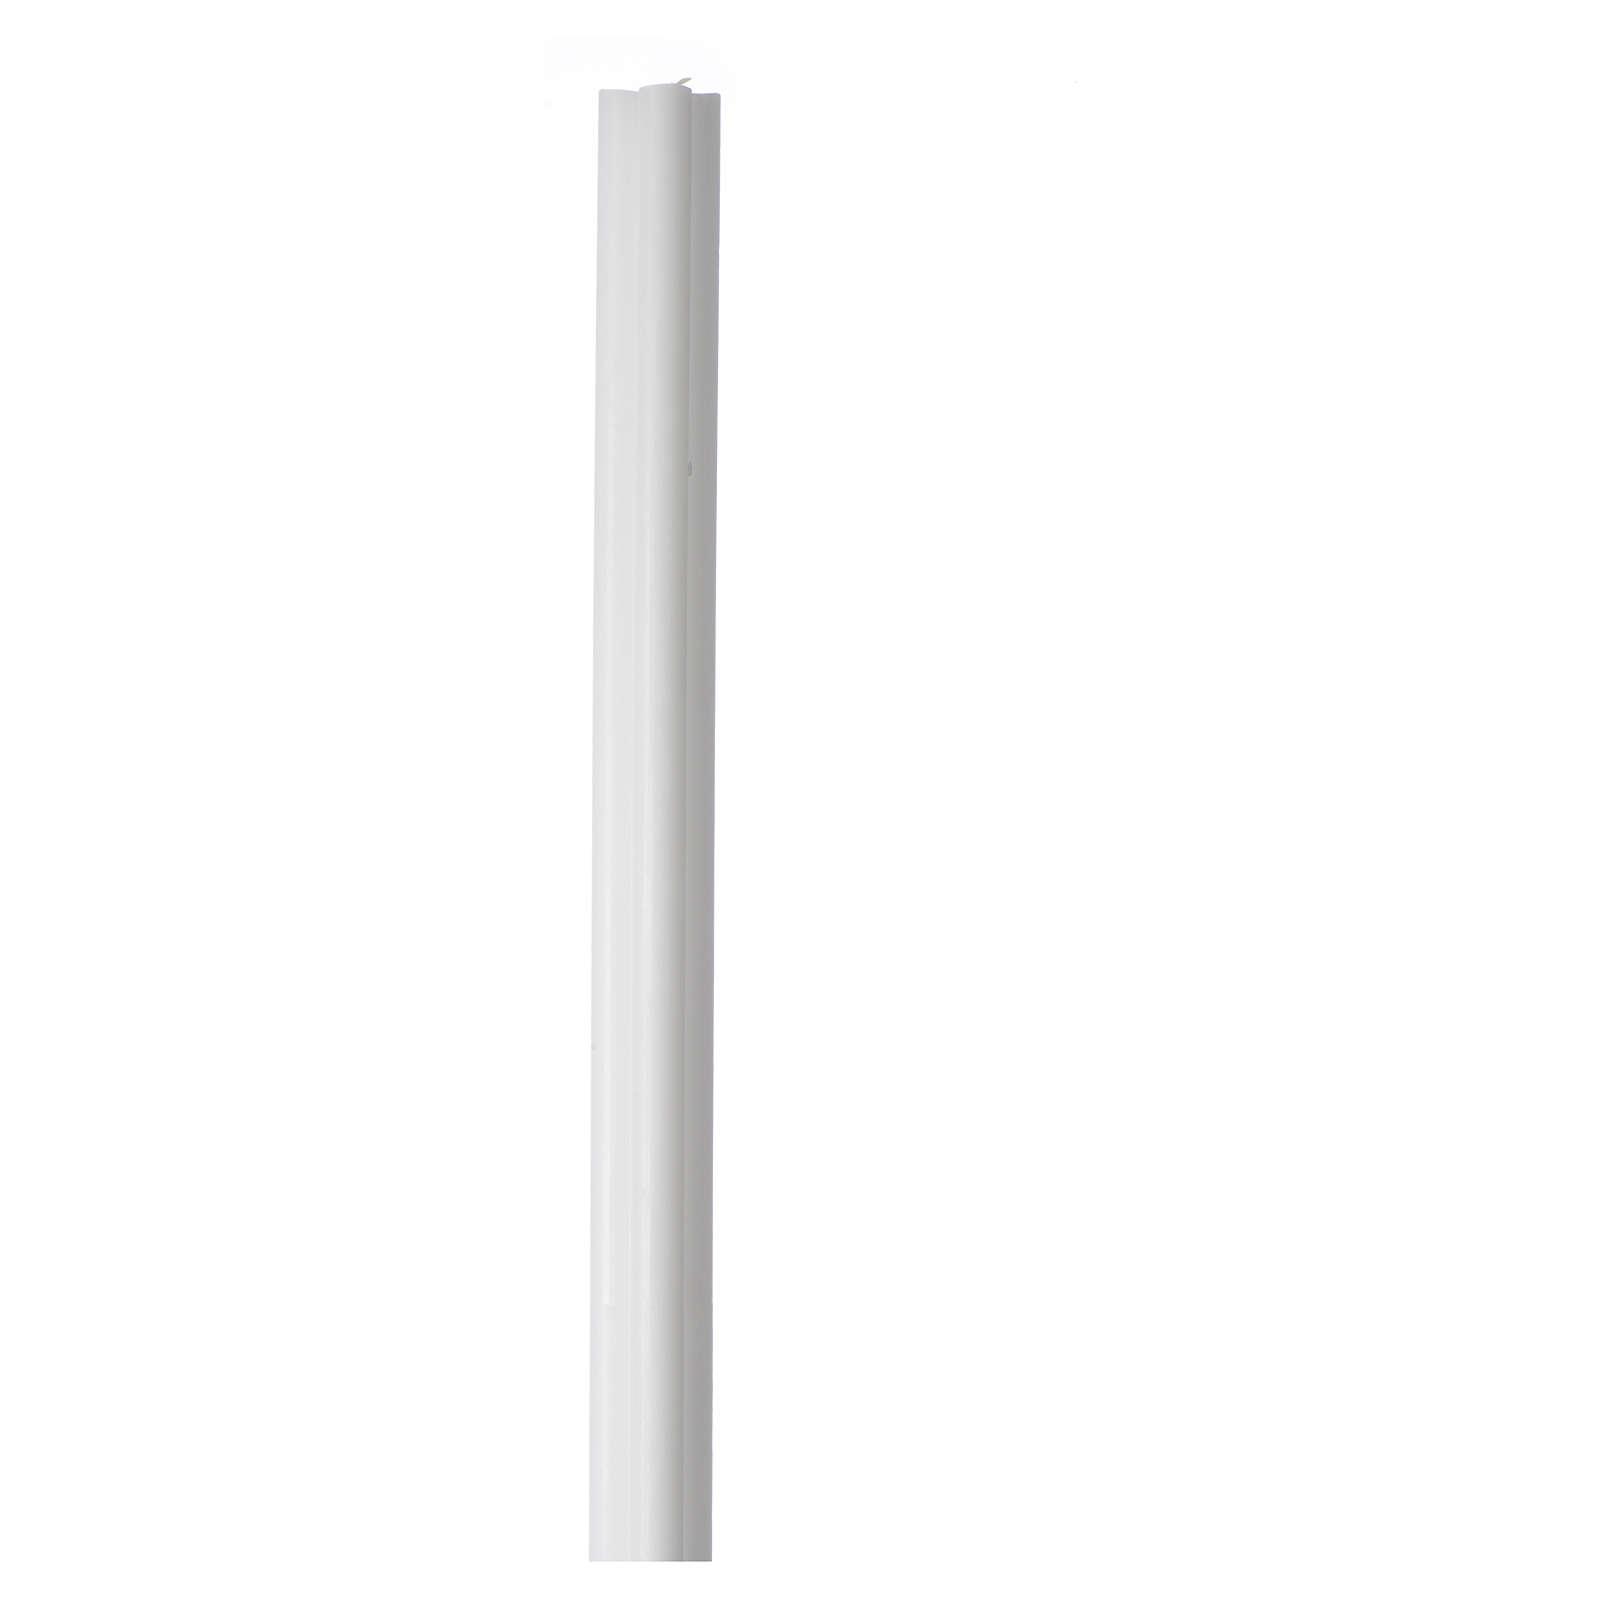 Cero Antica Torcia 800x50x50 mm cera bianca (CONFEZIONE) 3